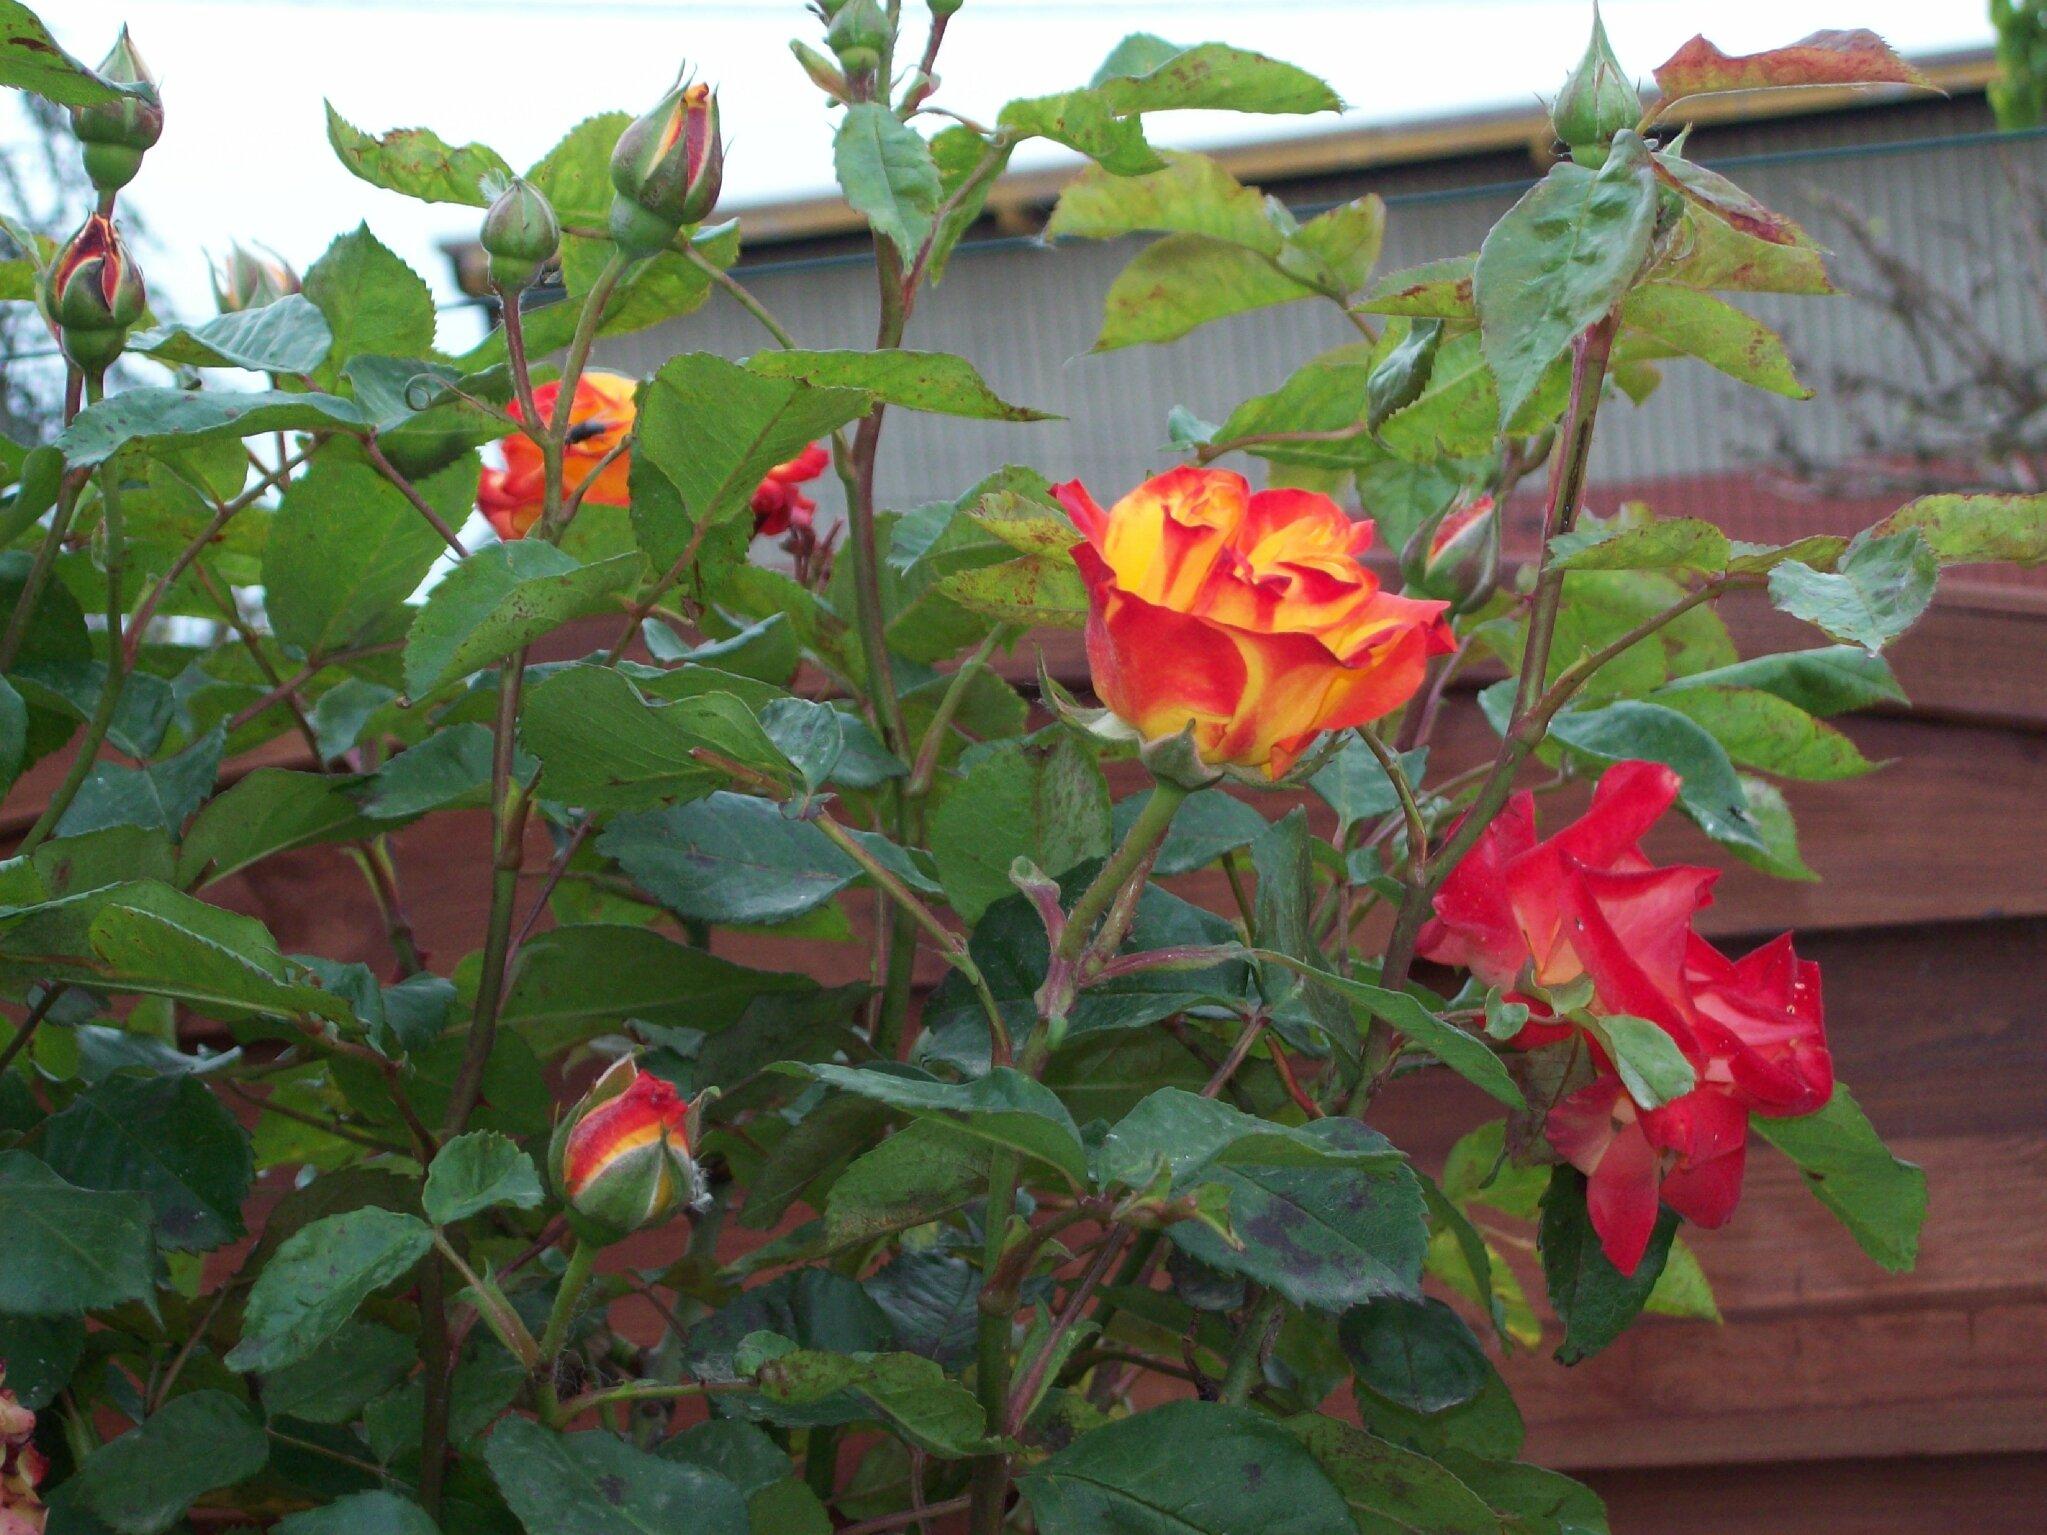 Vive le printemps dans mon jardin le blog de michelotte for Vive le jardin ales